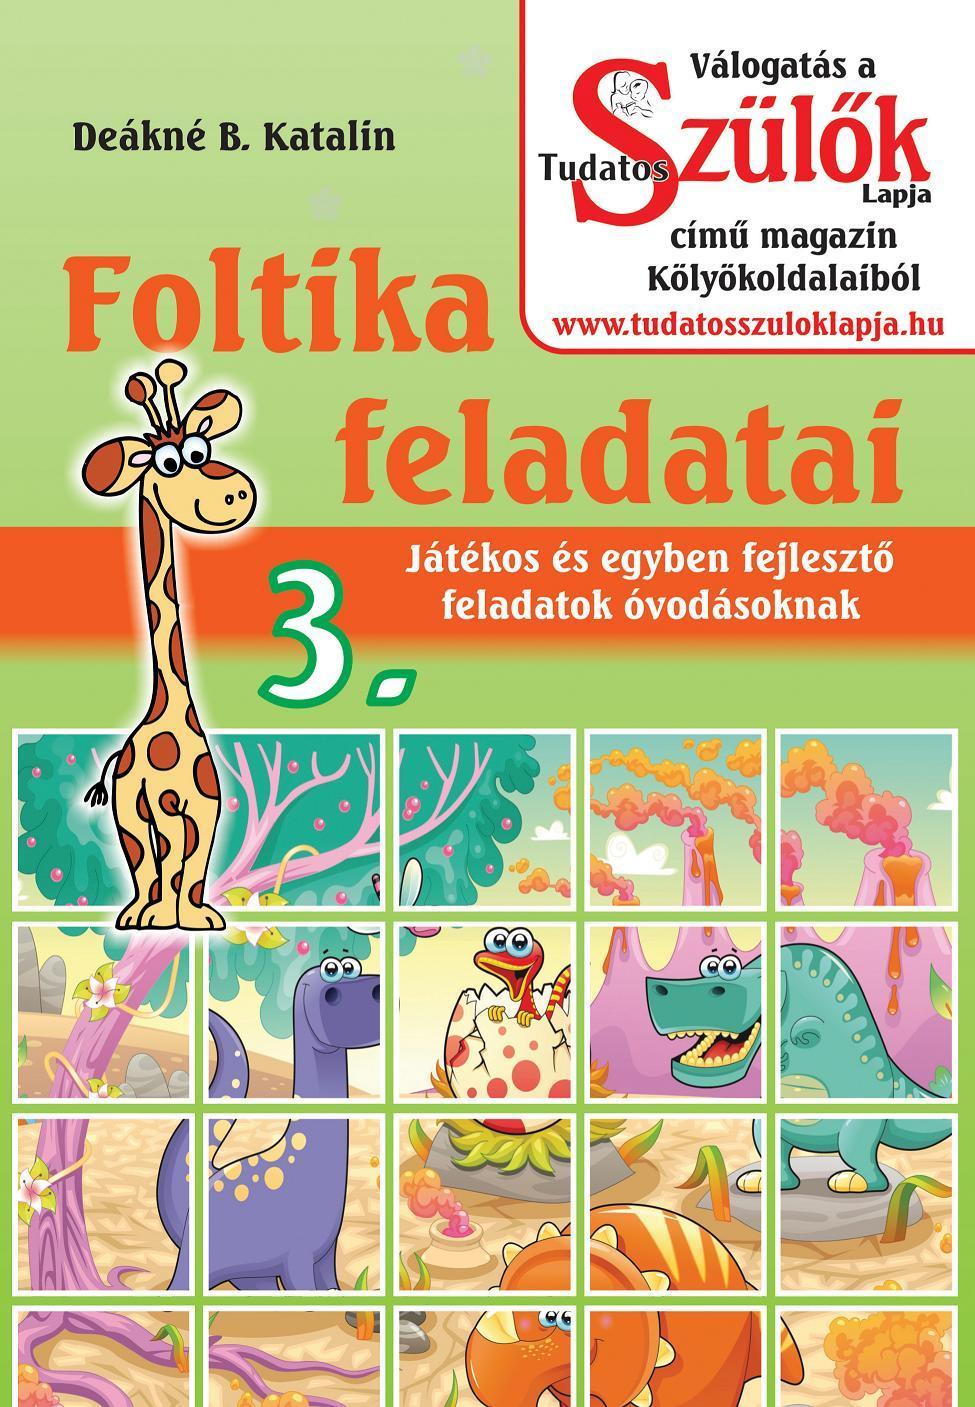 FOLTIKA FELADATAI 3.